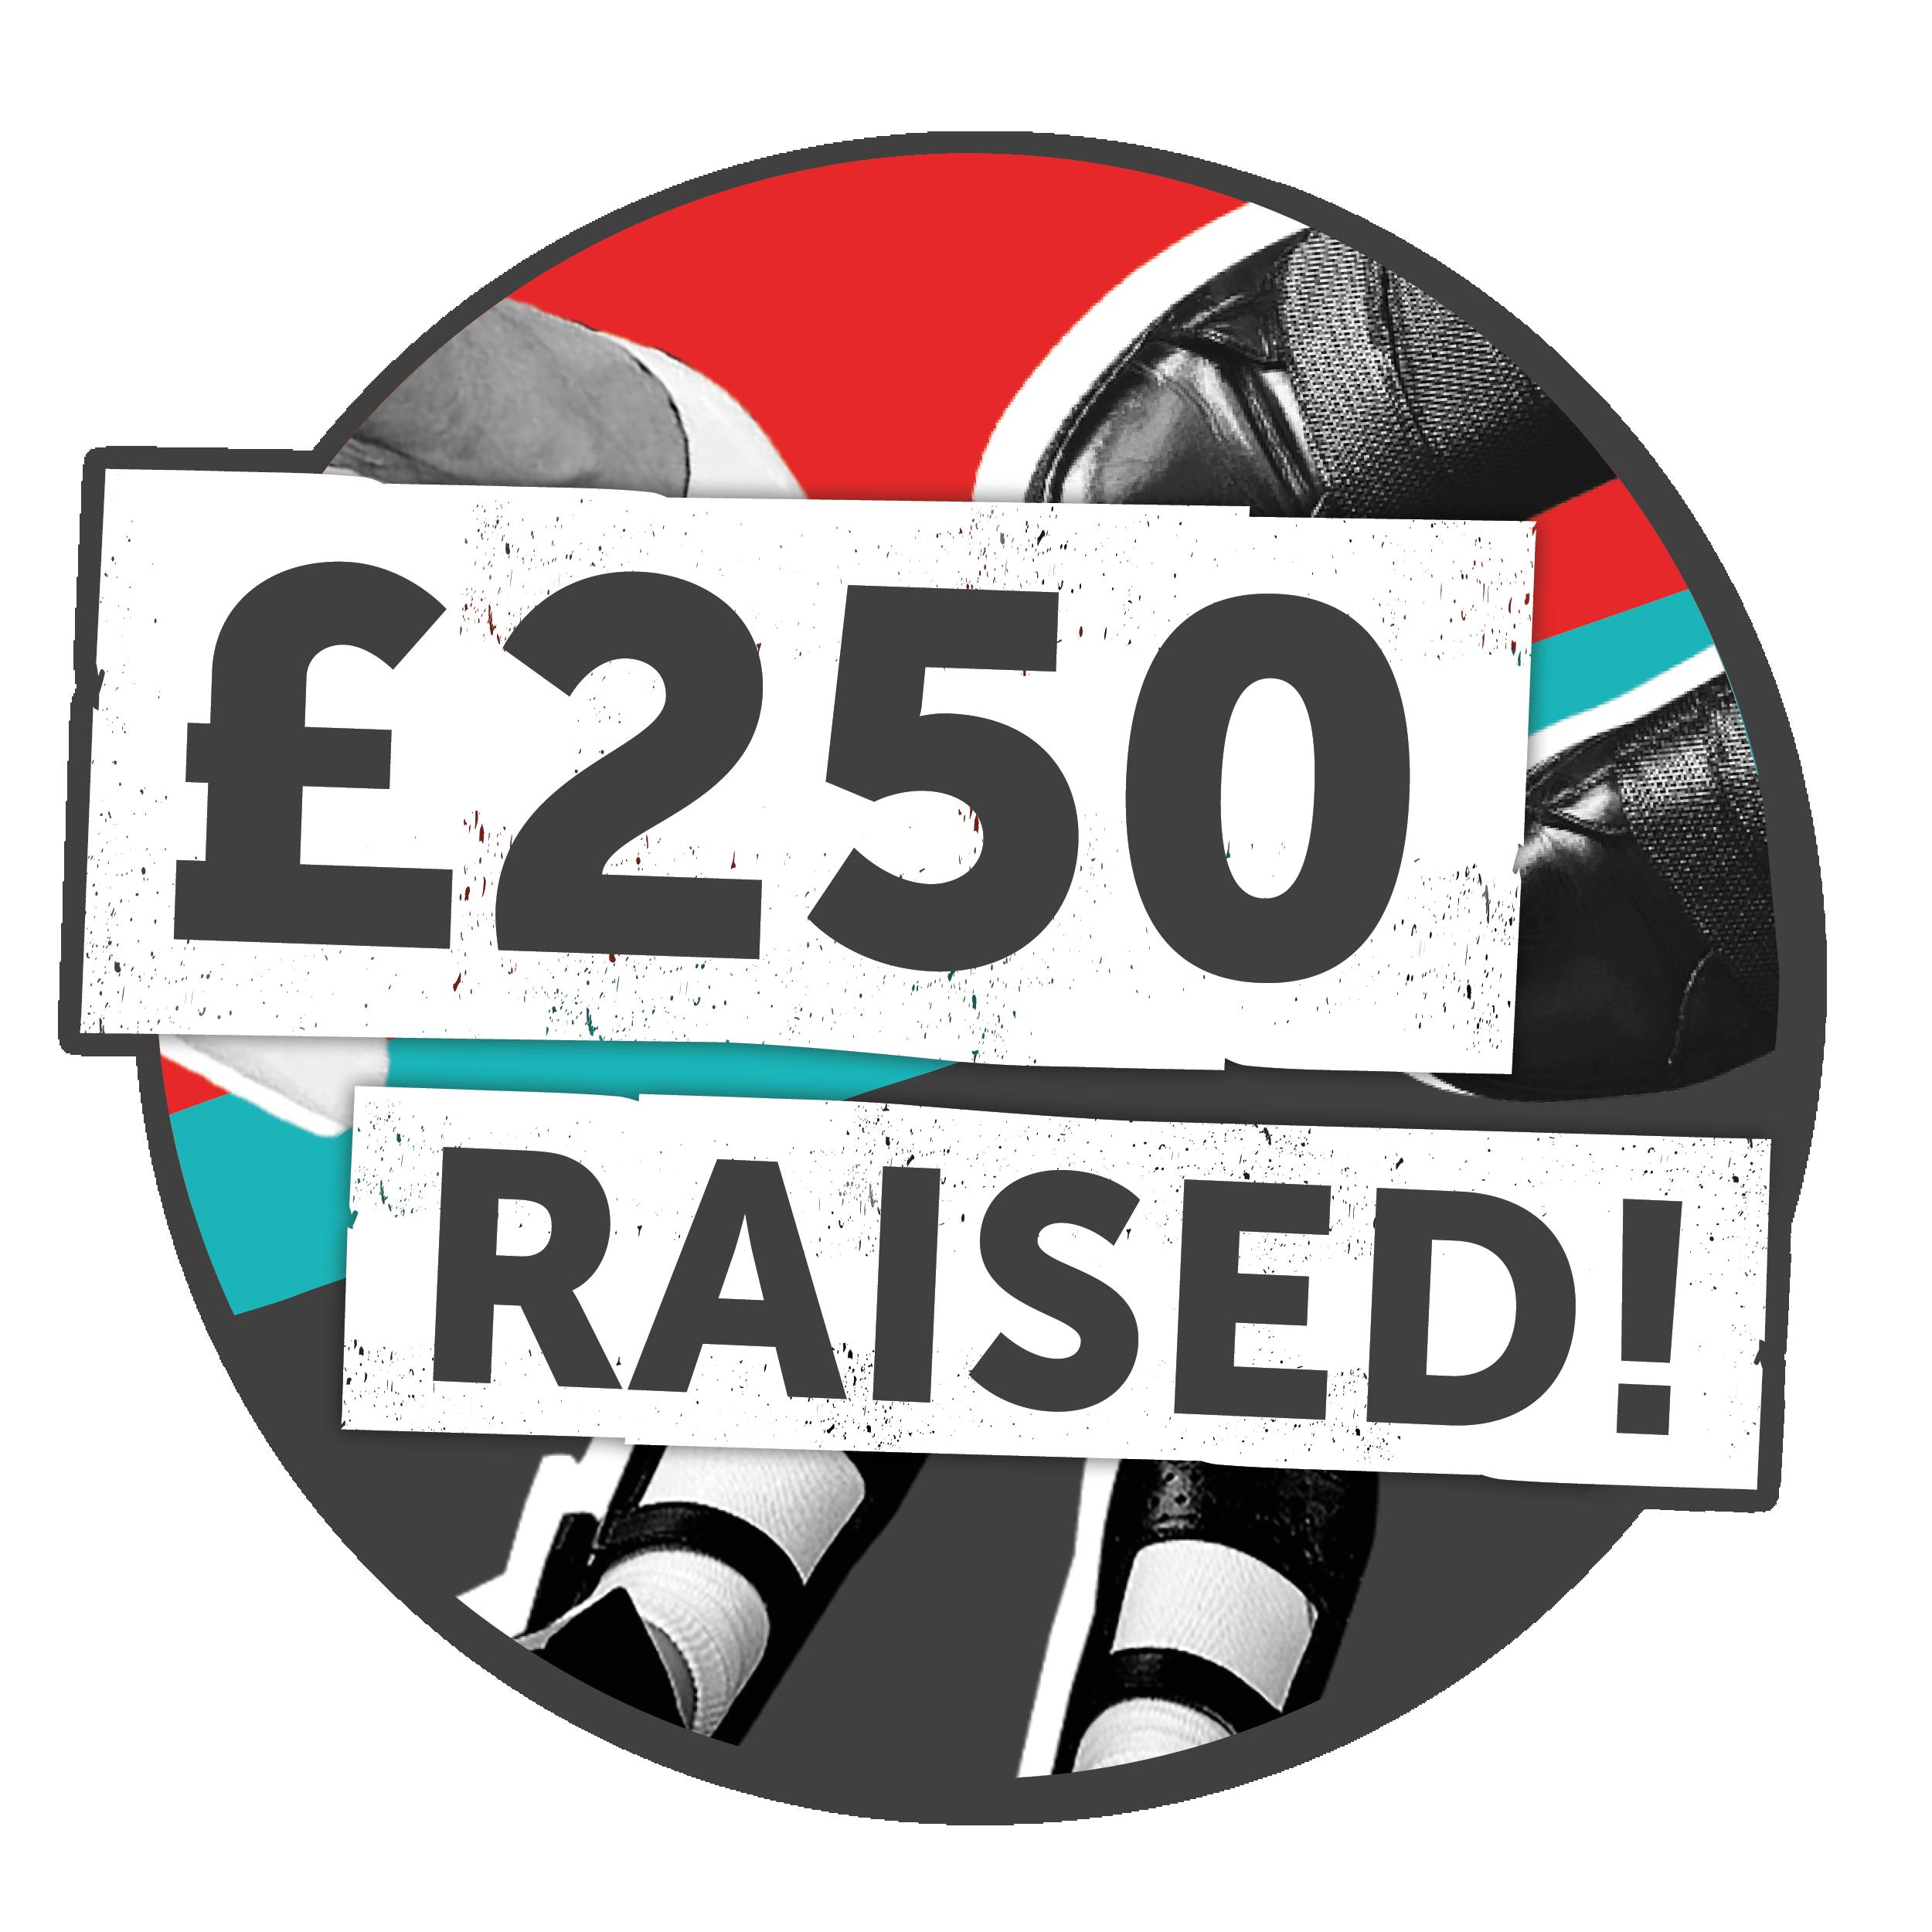 £250 raised!